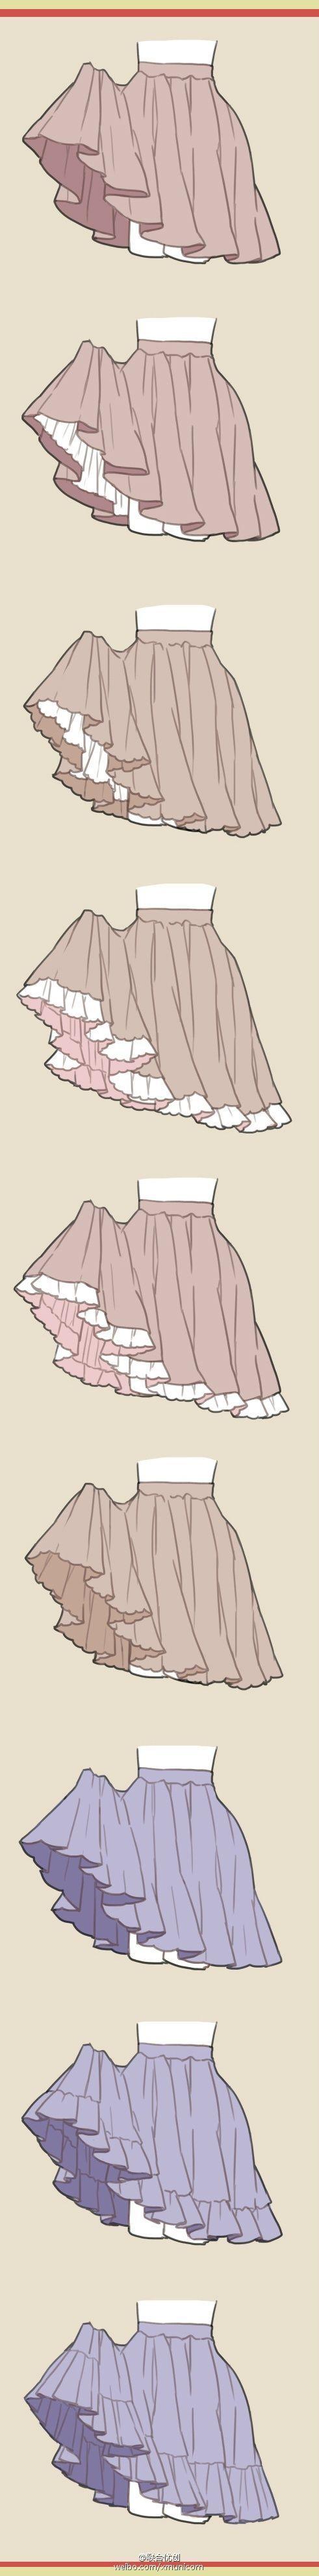 Diferentes poses de faldas: